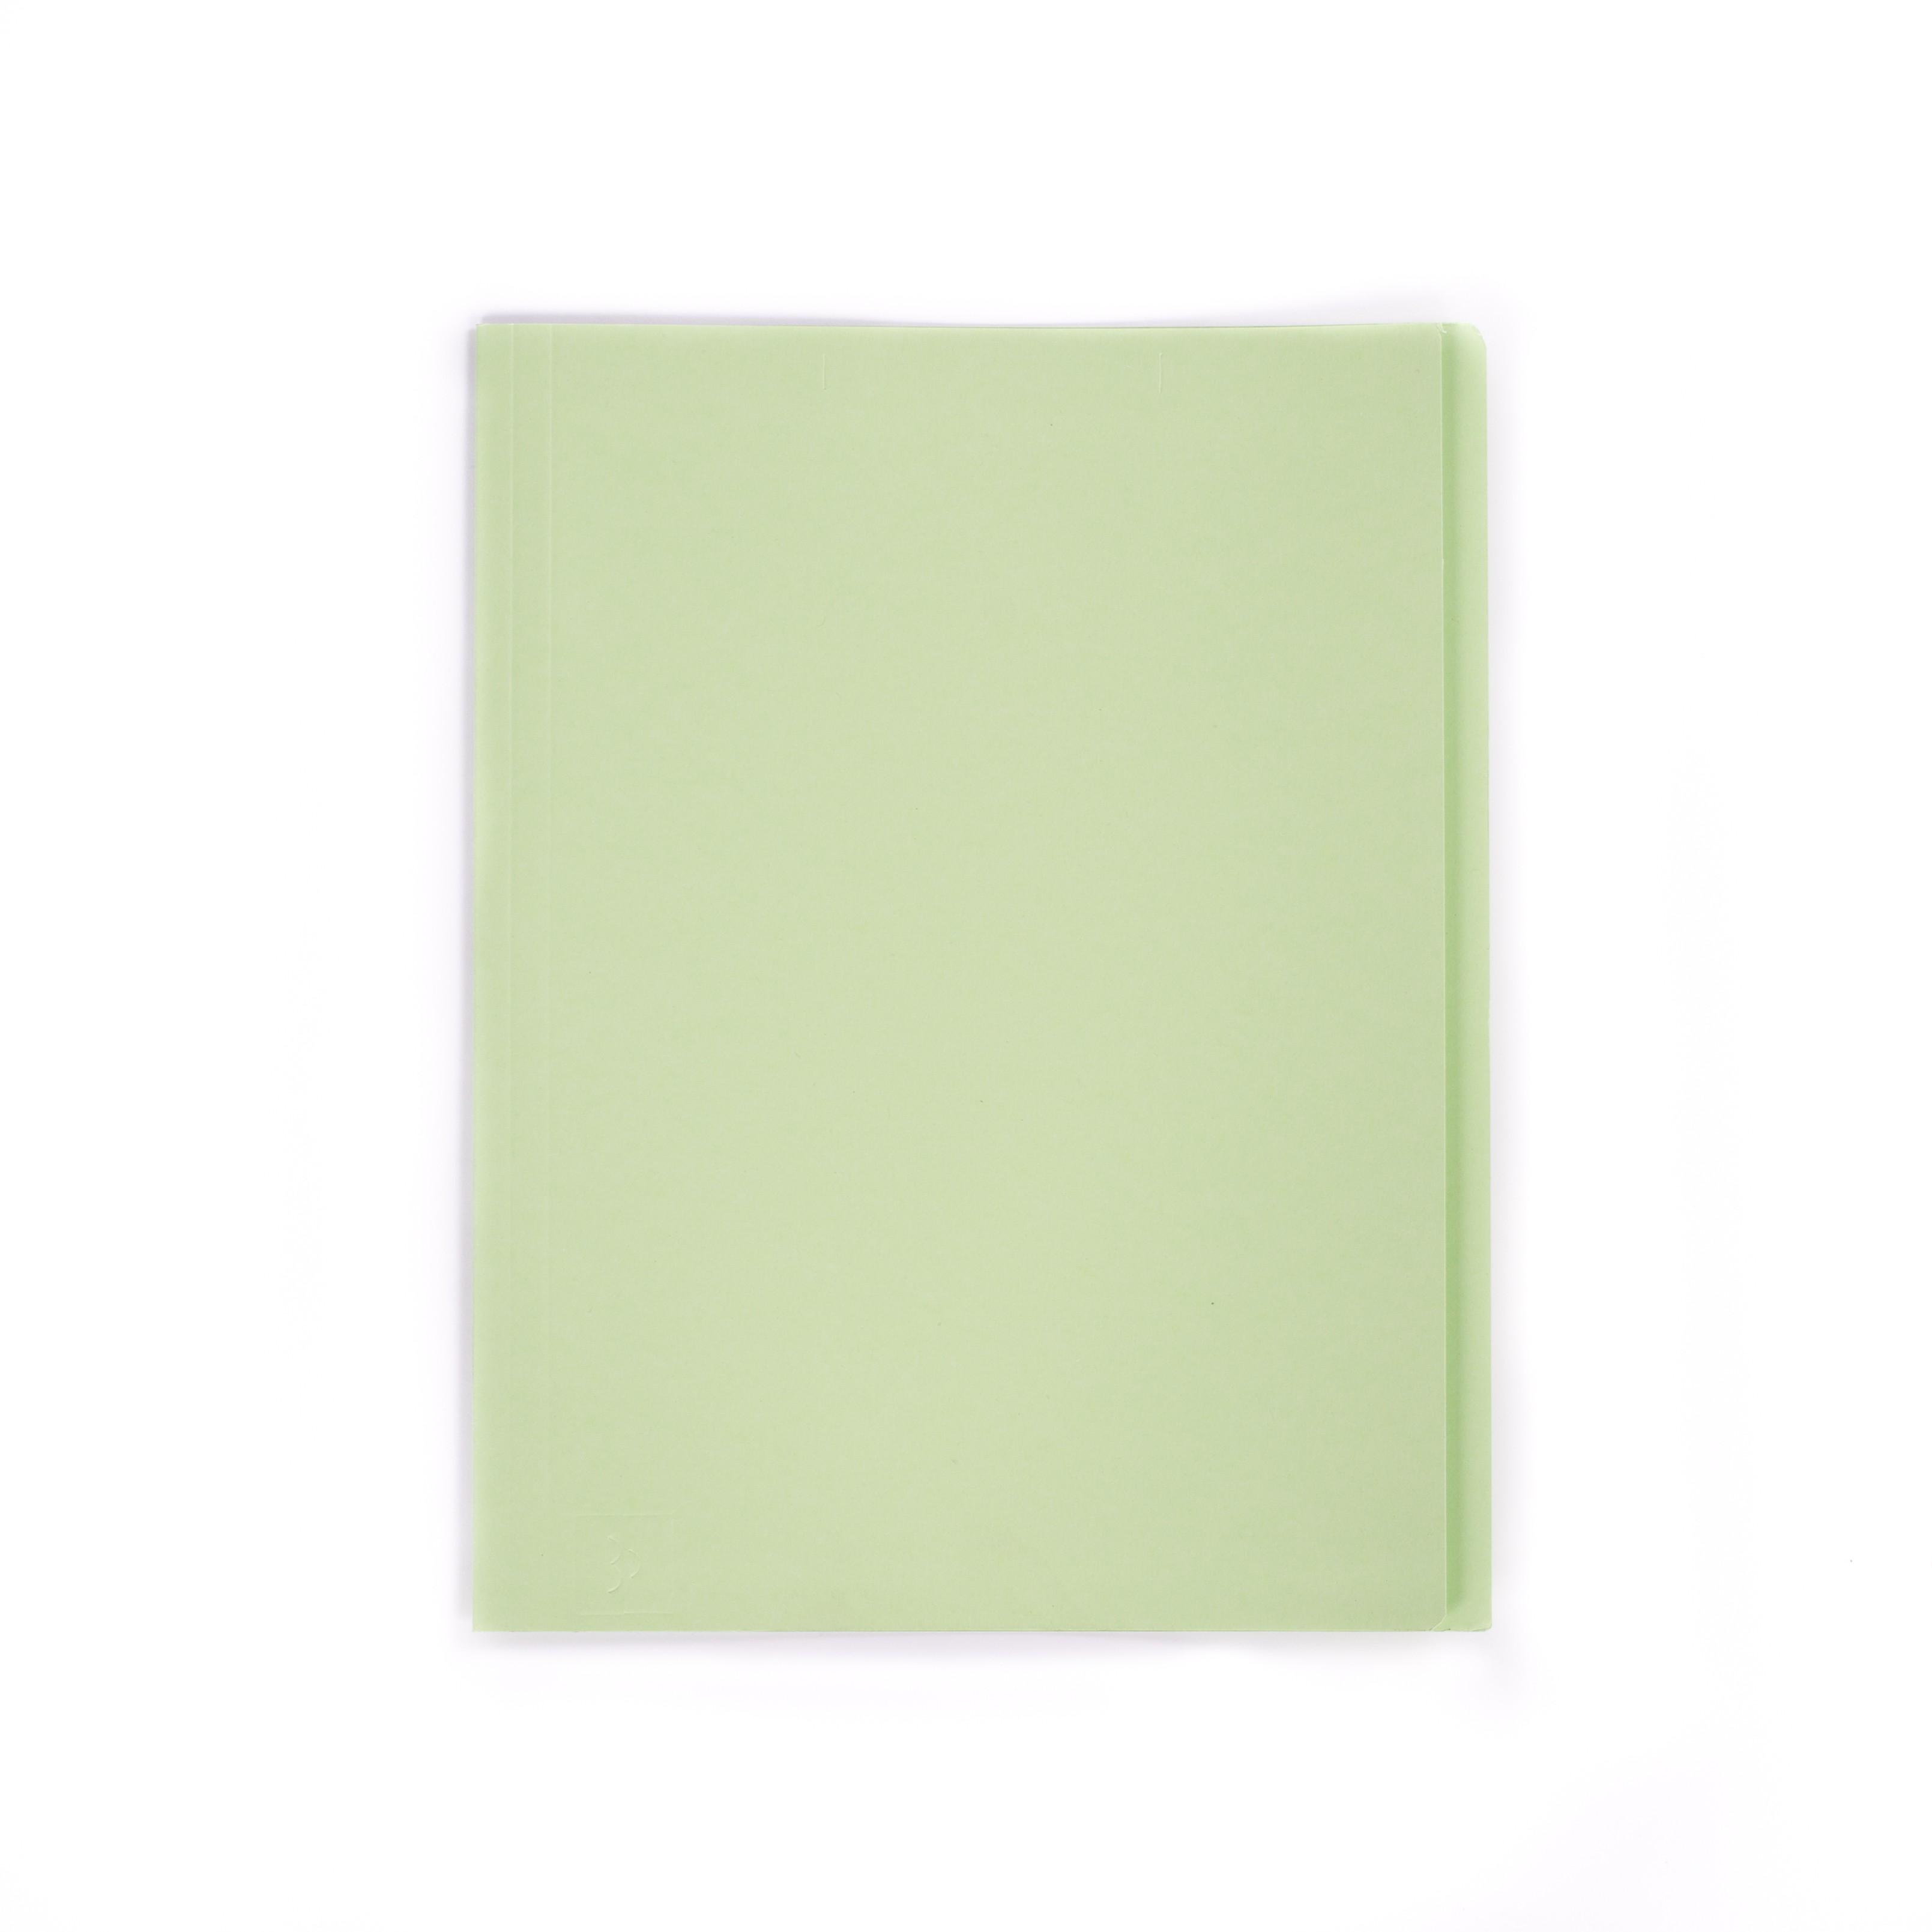 แฟ้มพับกระดาษ ตราใบโพธิ์ สีเขียว A4